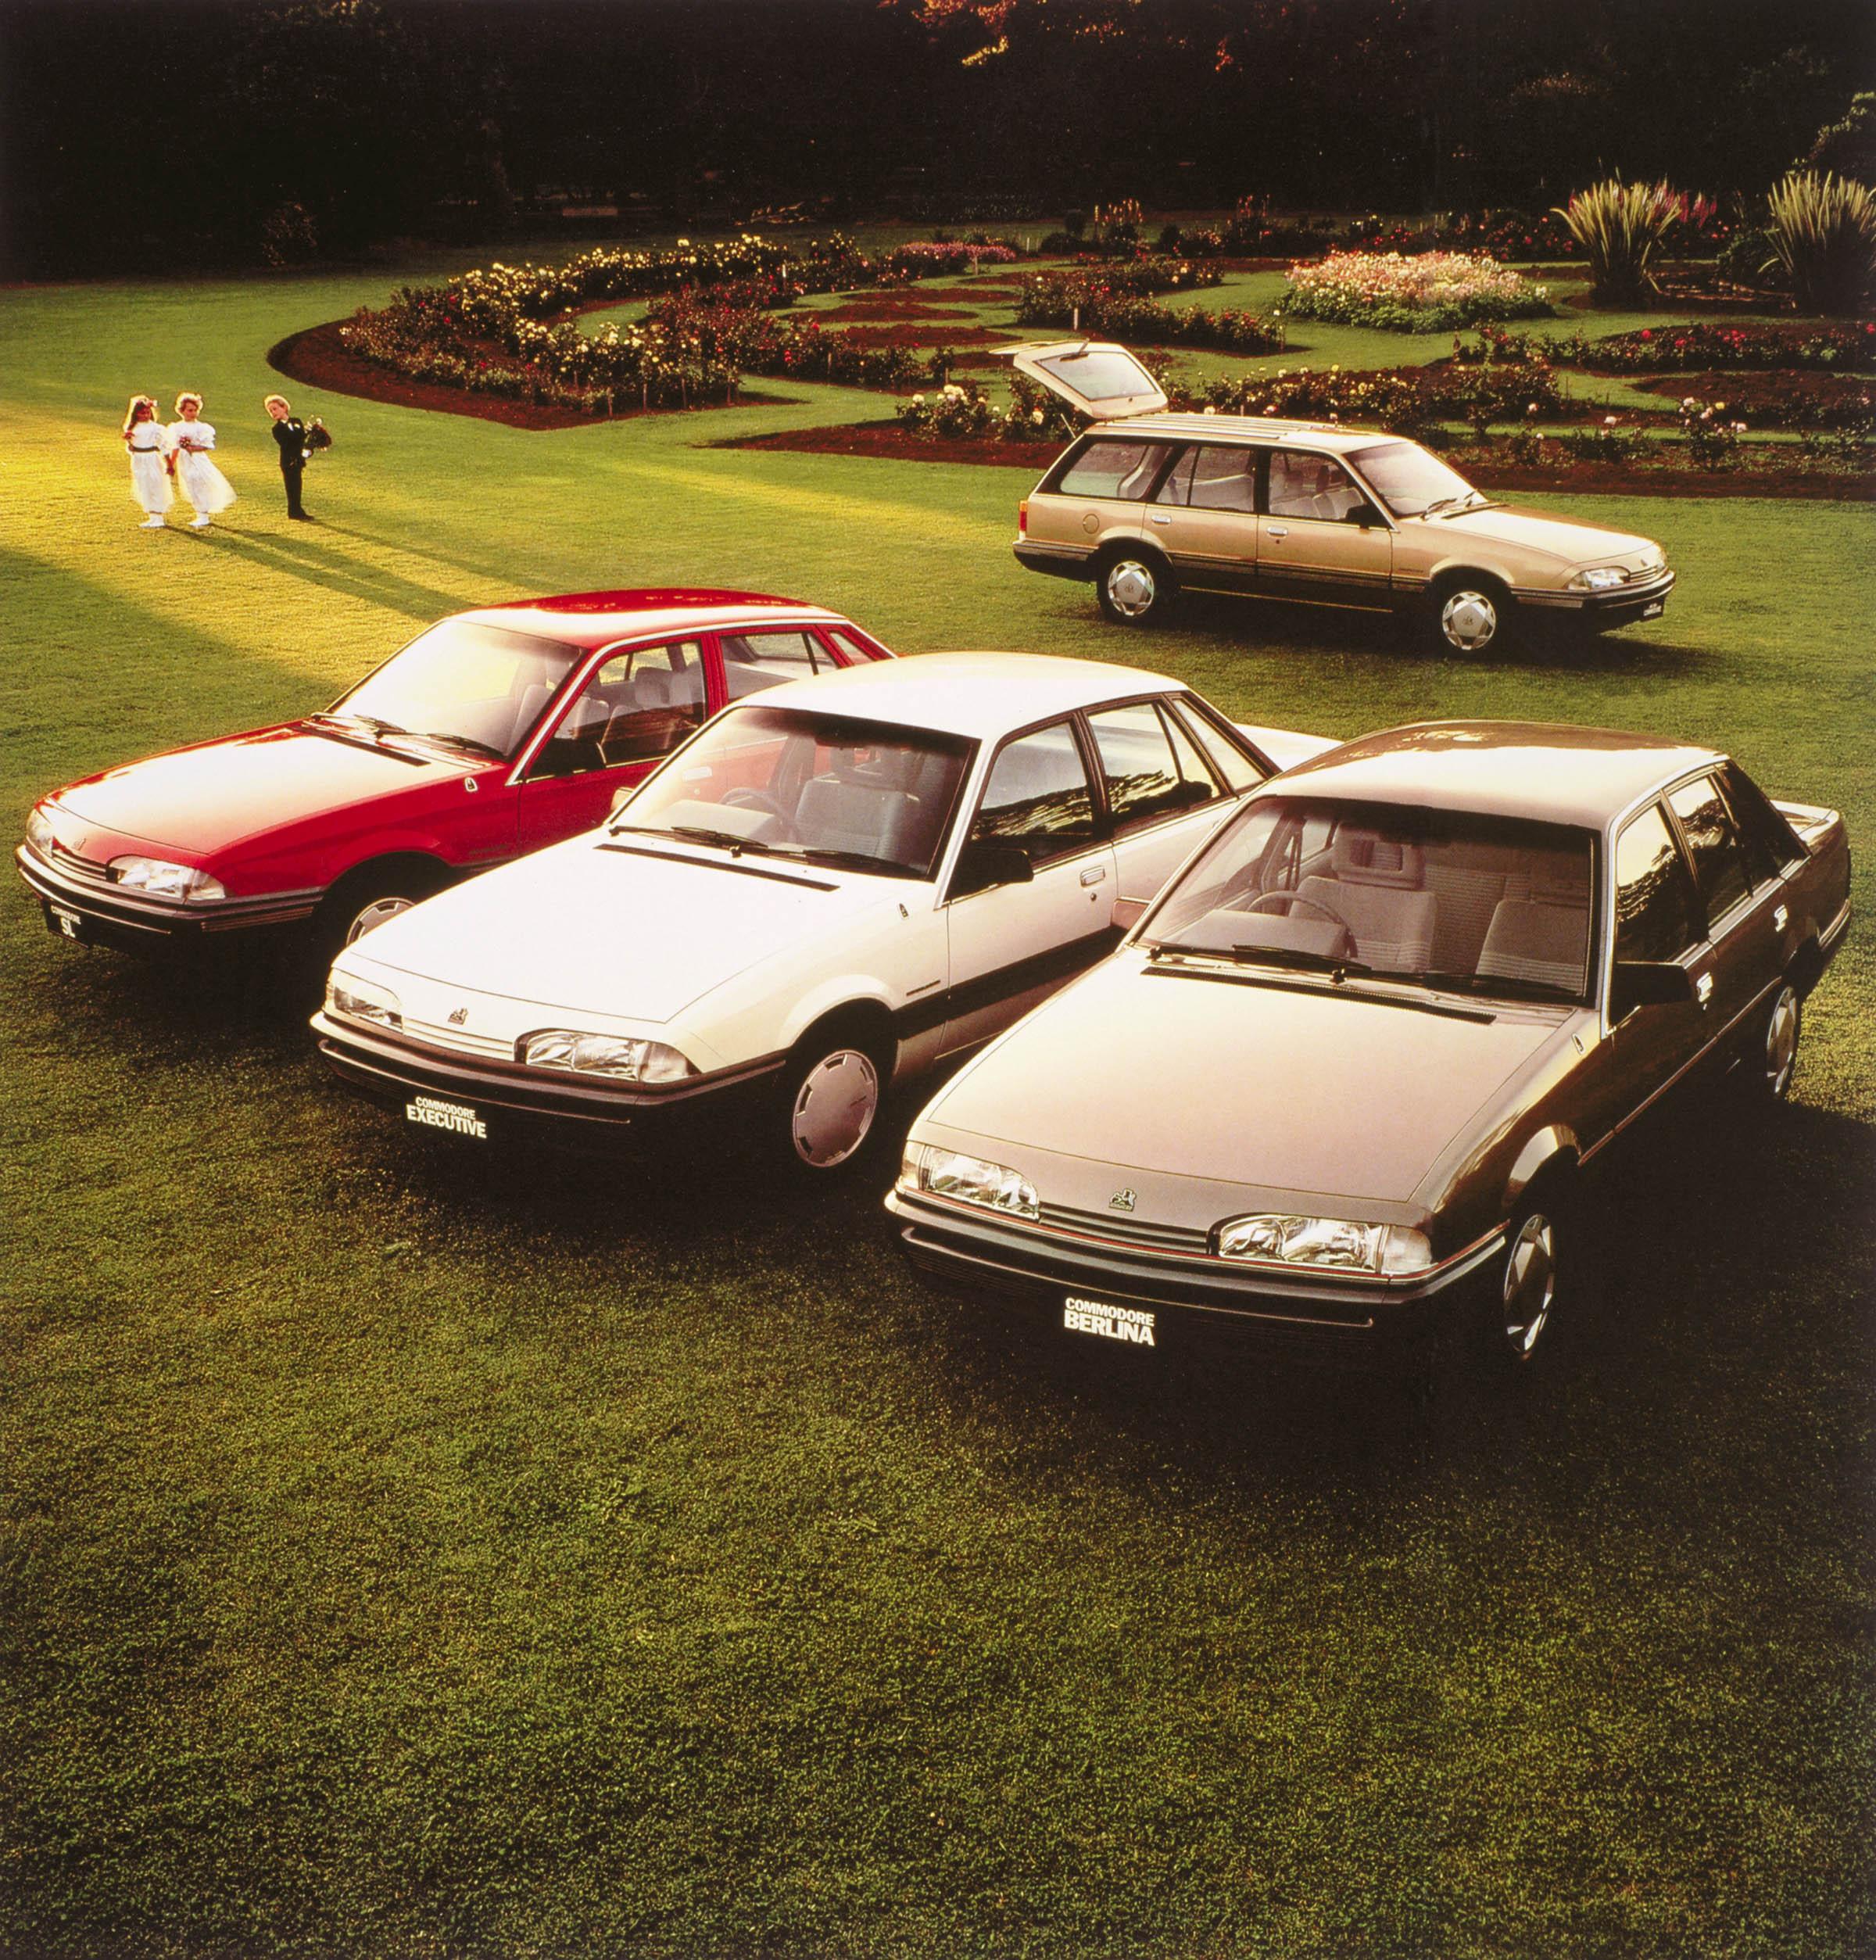 VL Holden Commodore (1986-1988)